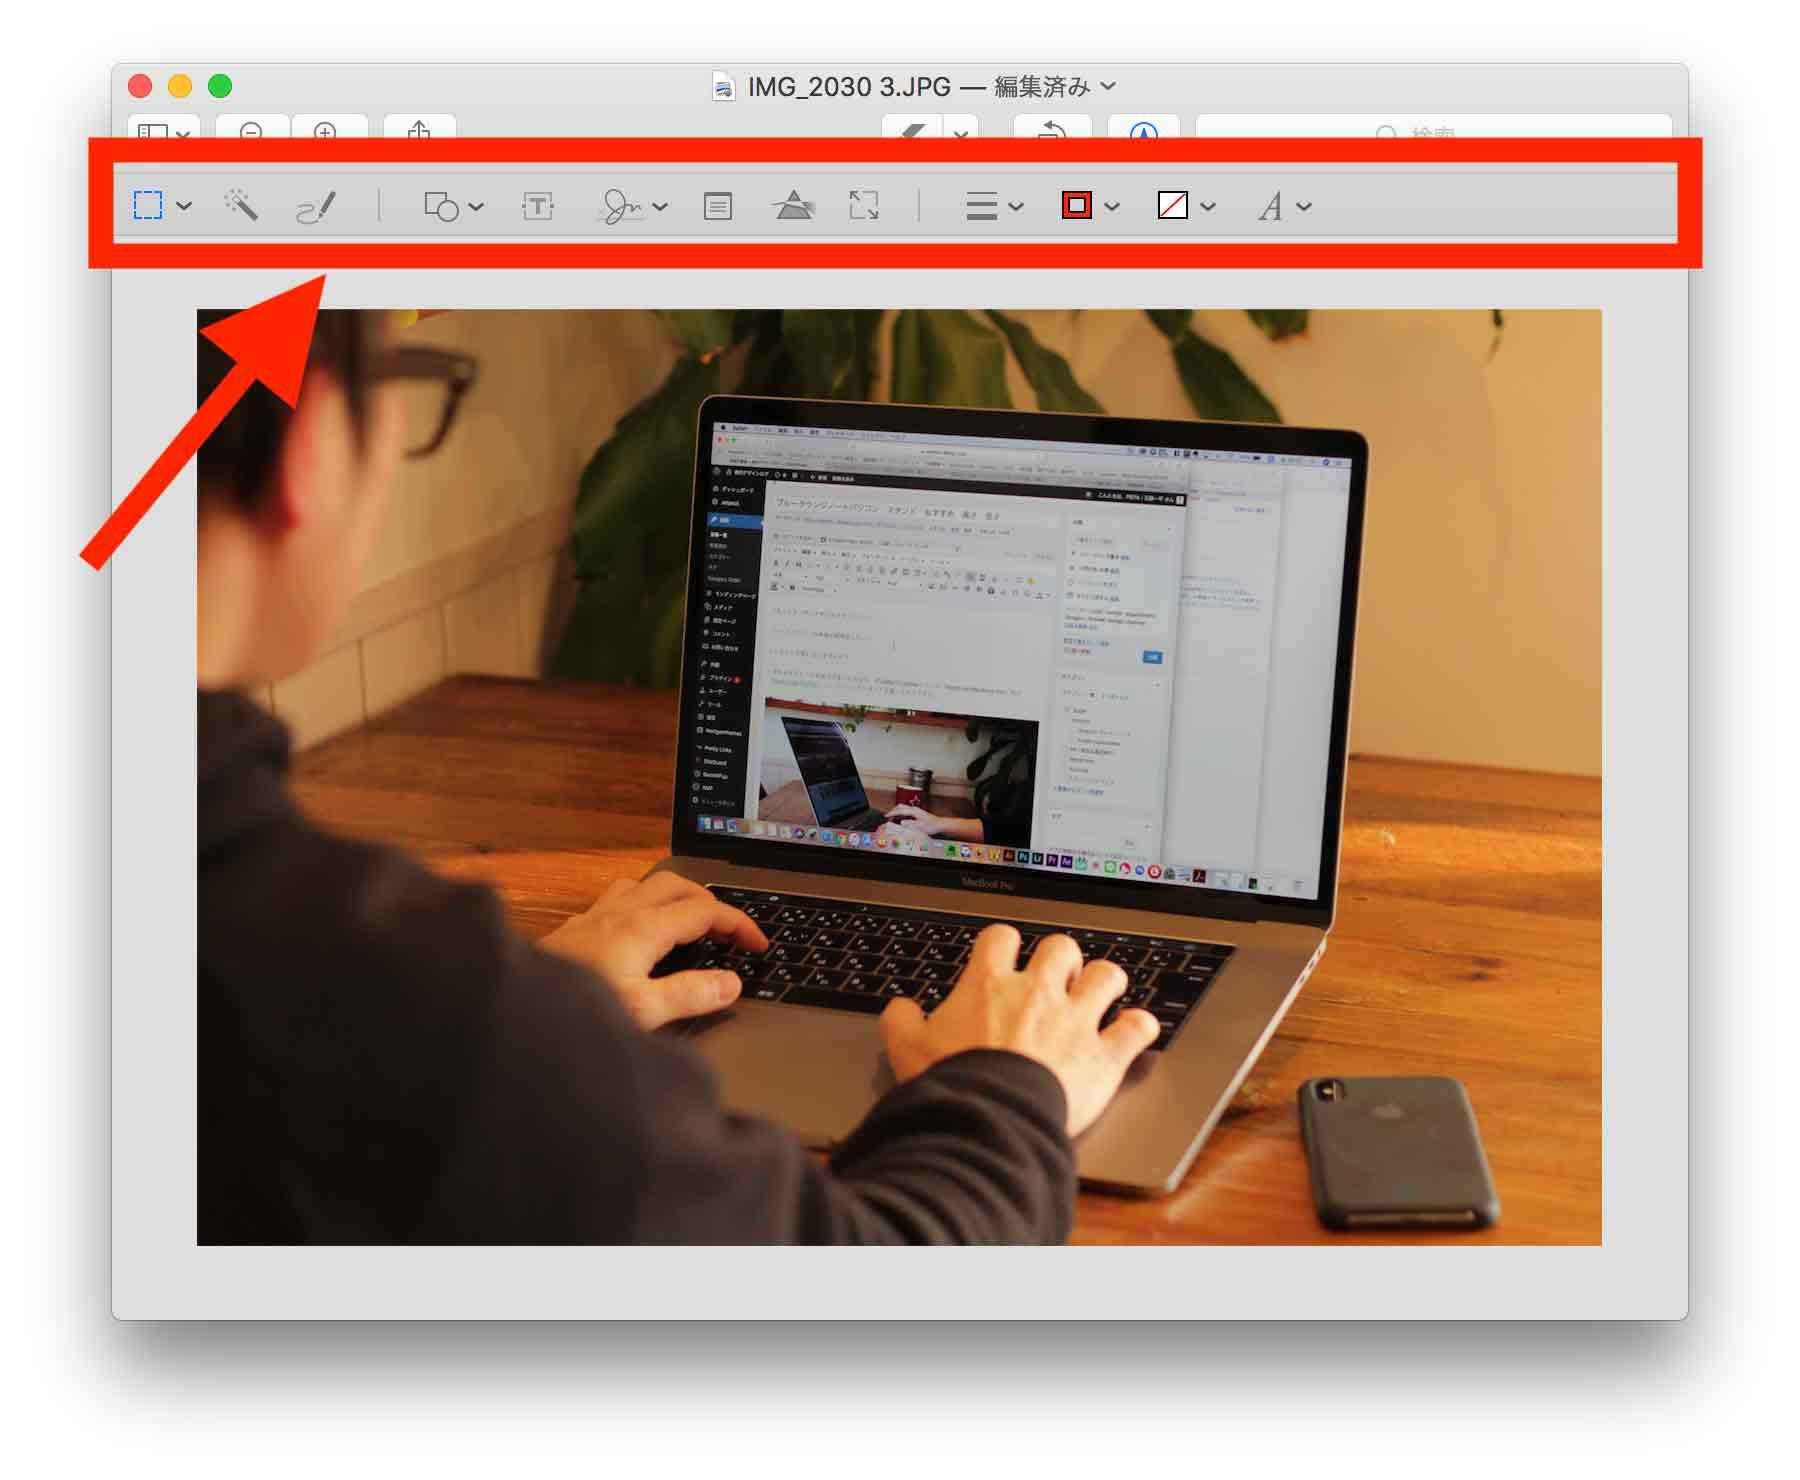 Macプレビュー編集画面のマークアップメニューの画像